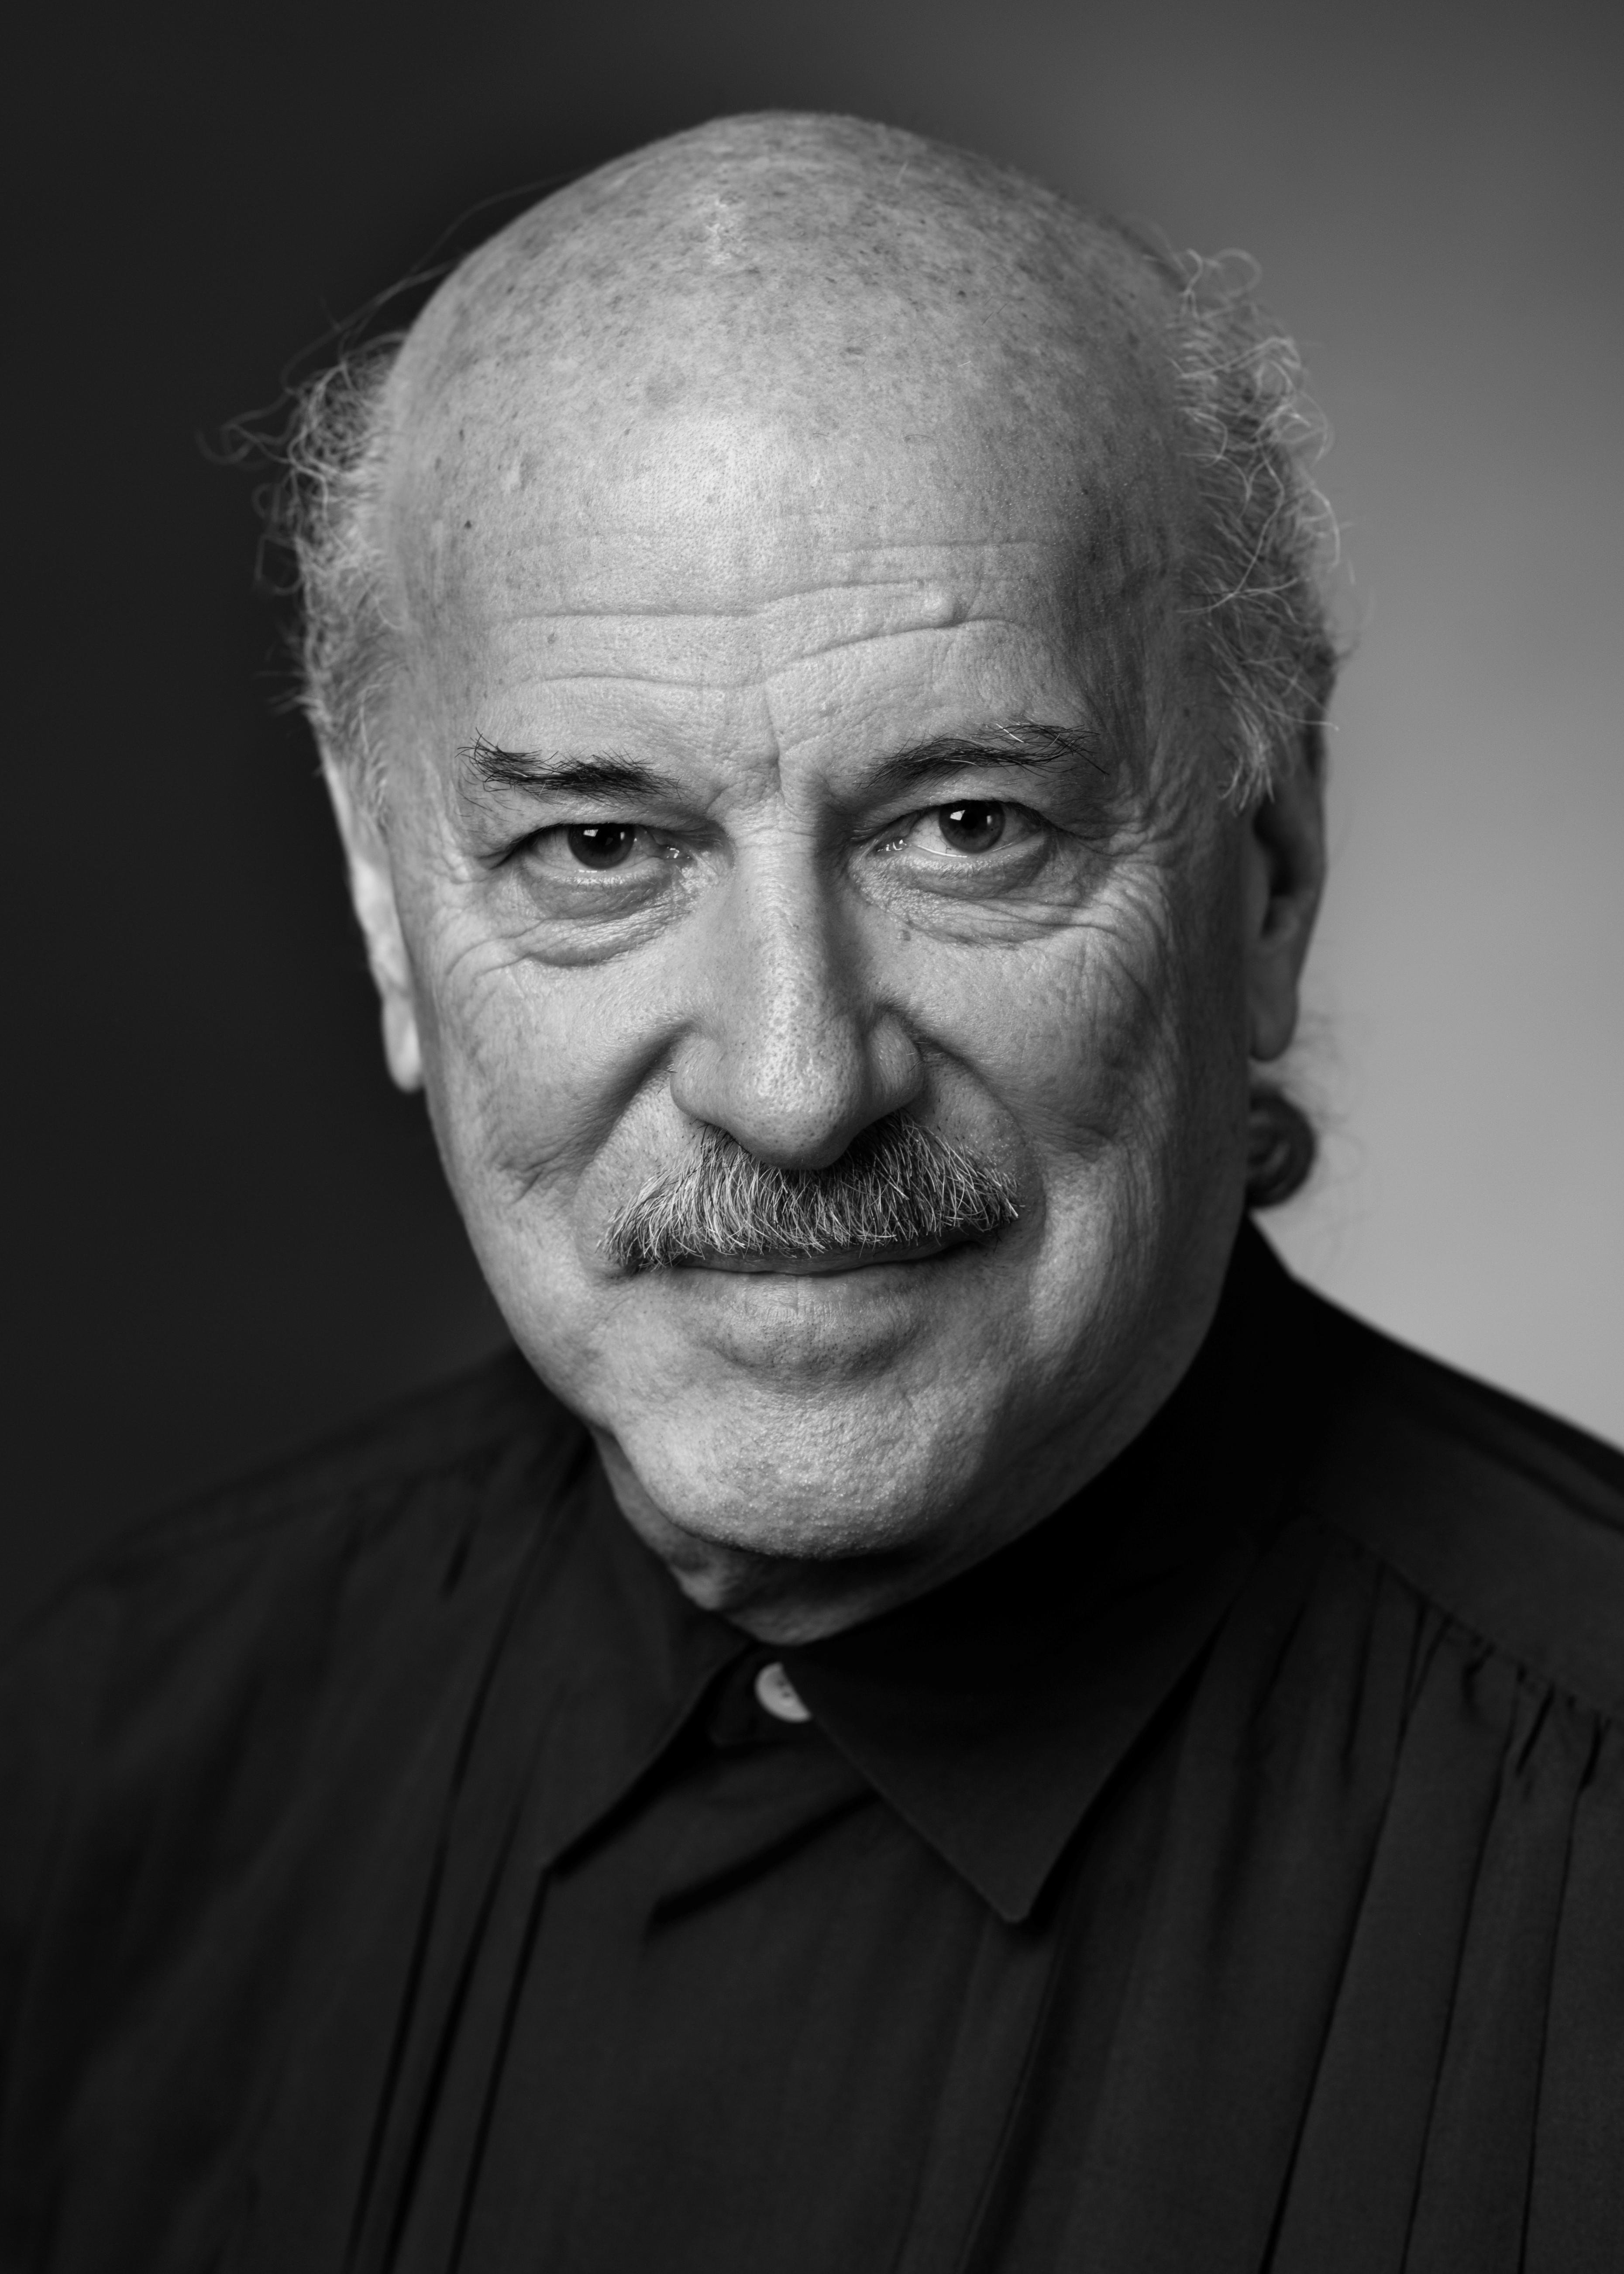 Anton Brkic